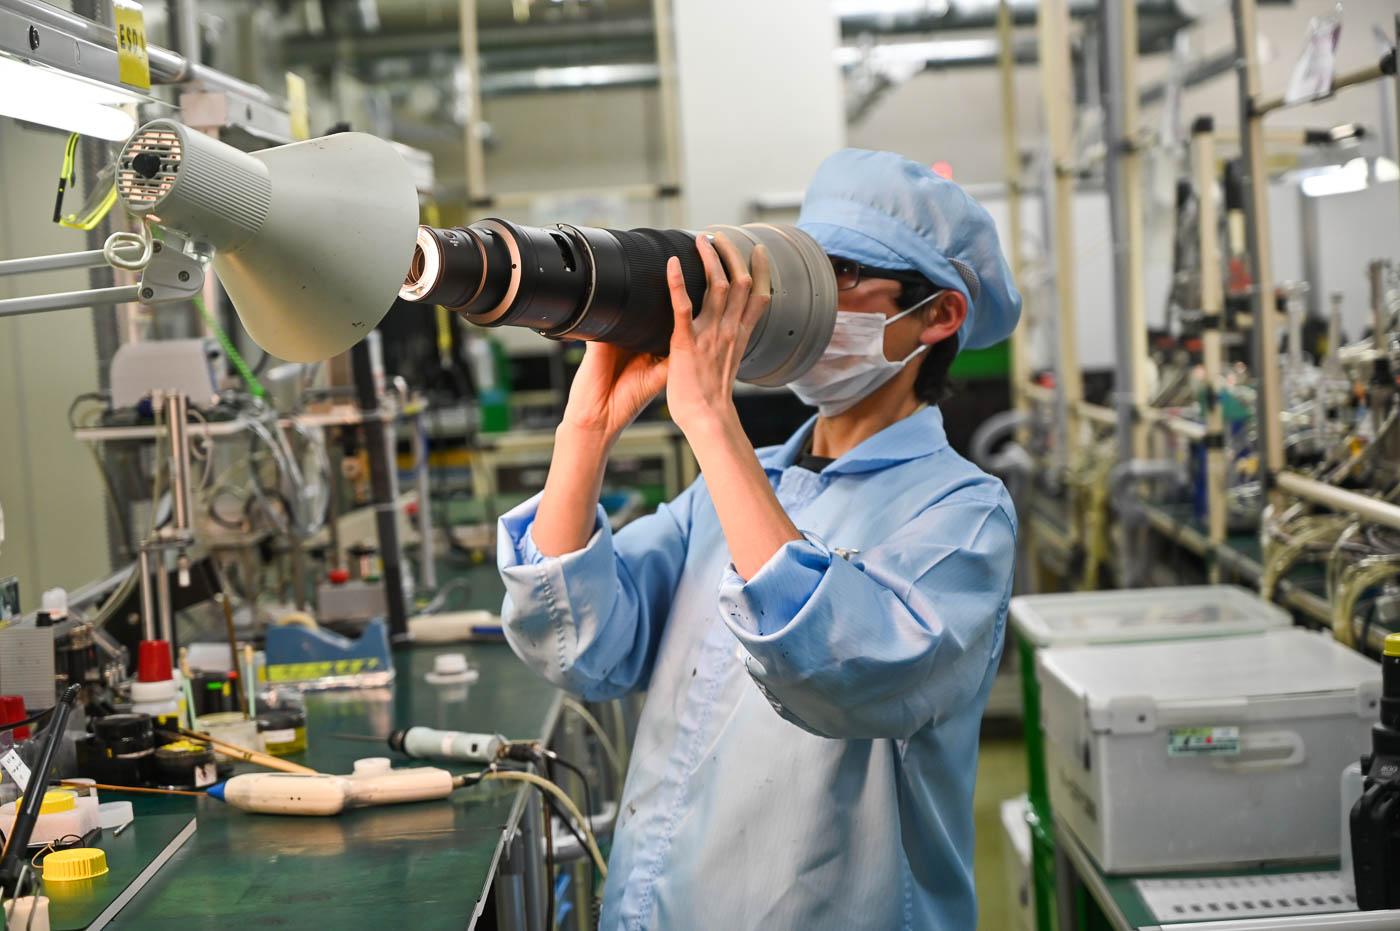 Produzione obiettivi Nikon